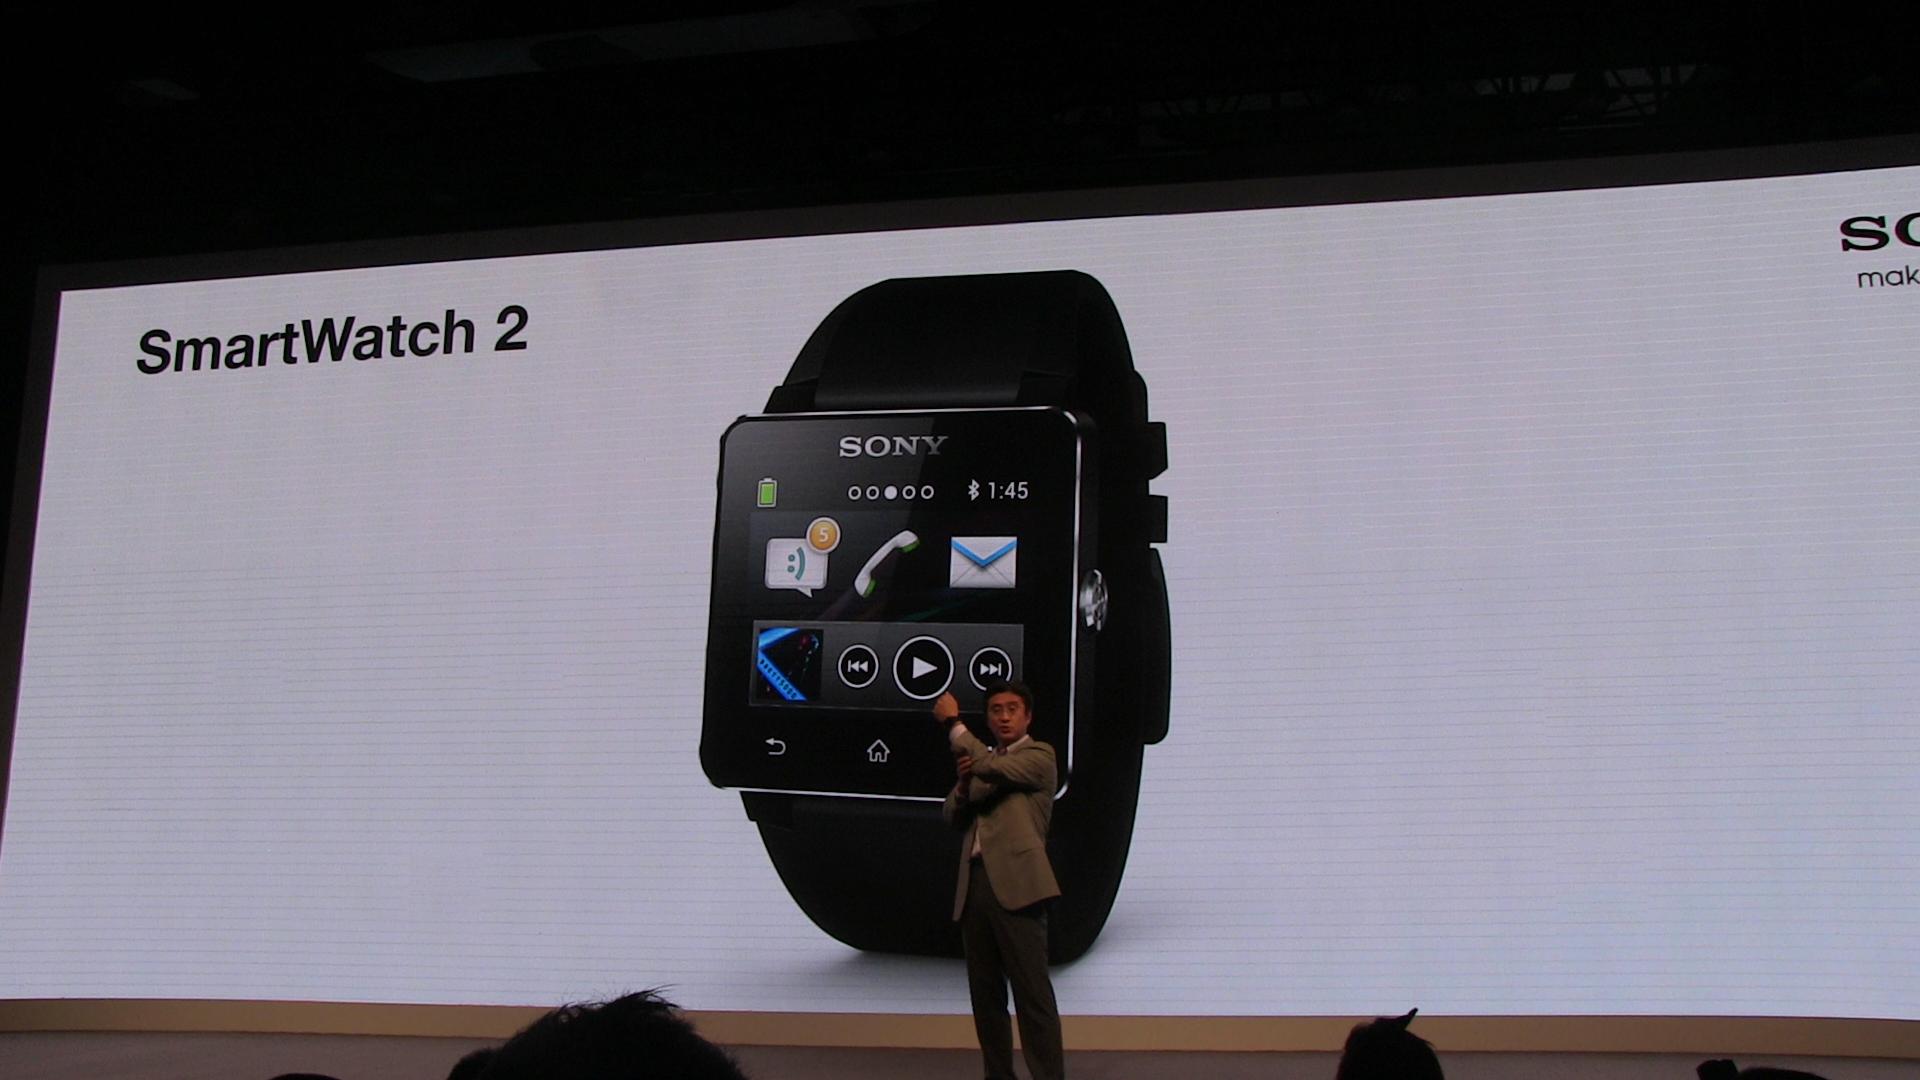 Sony Smartwatch 2 offiziell vorgestellt, kommt für 199 Euro *Update: Video*